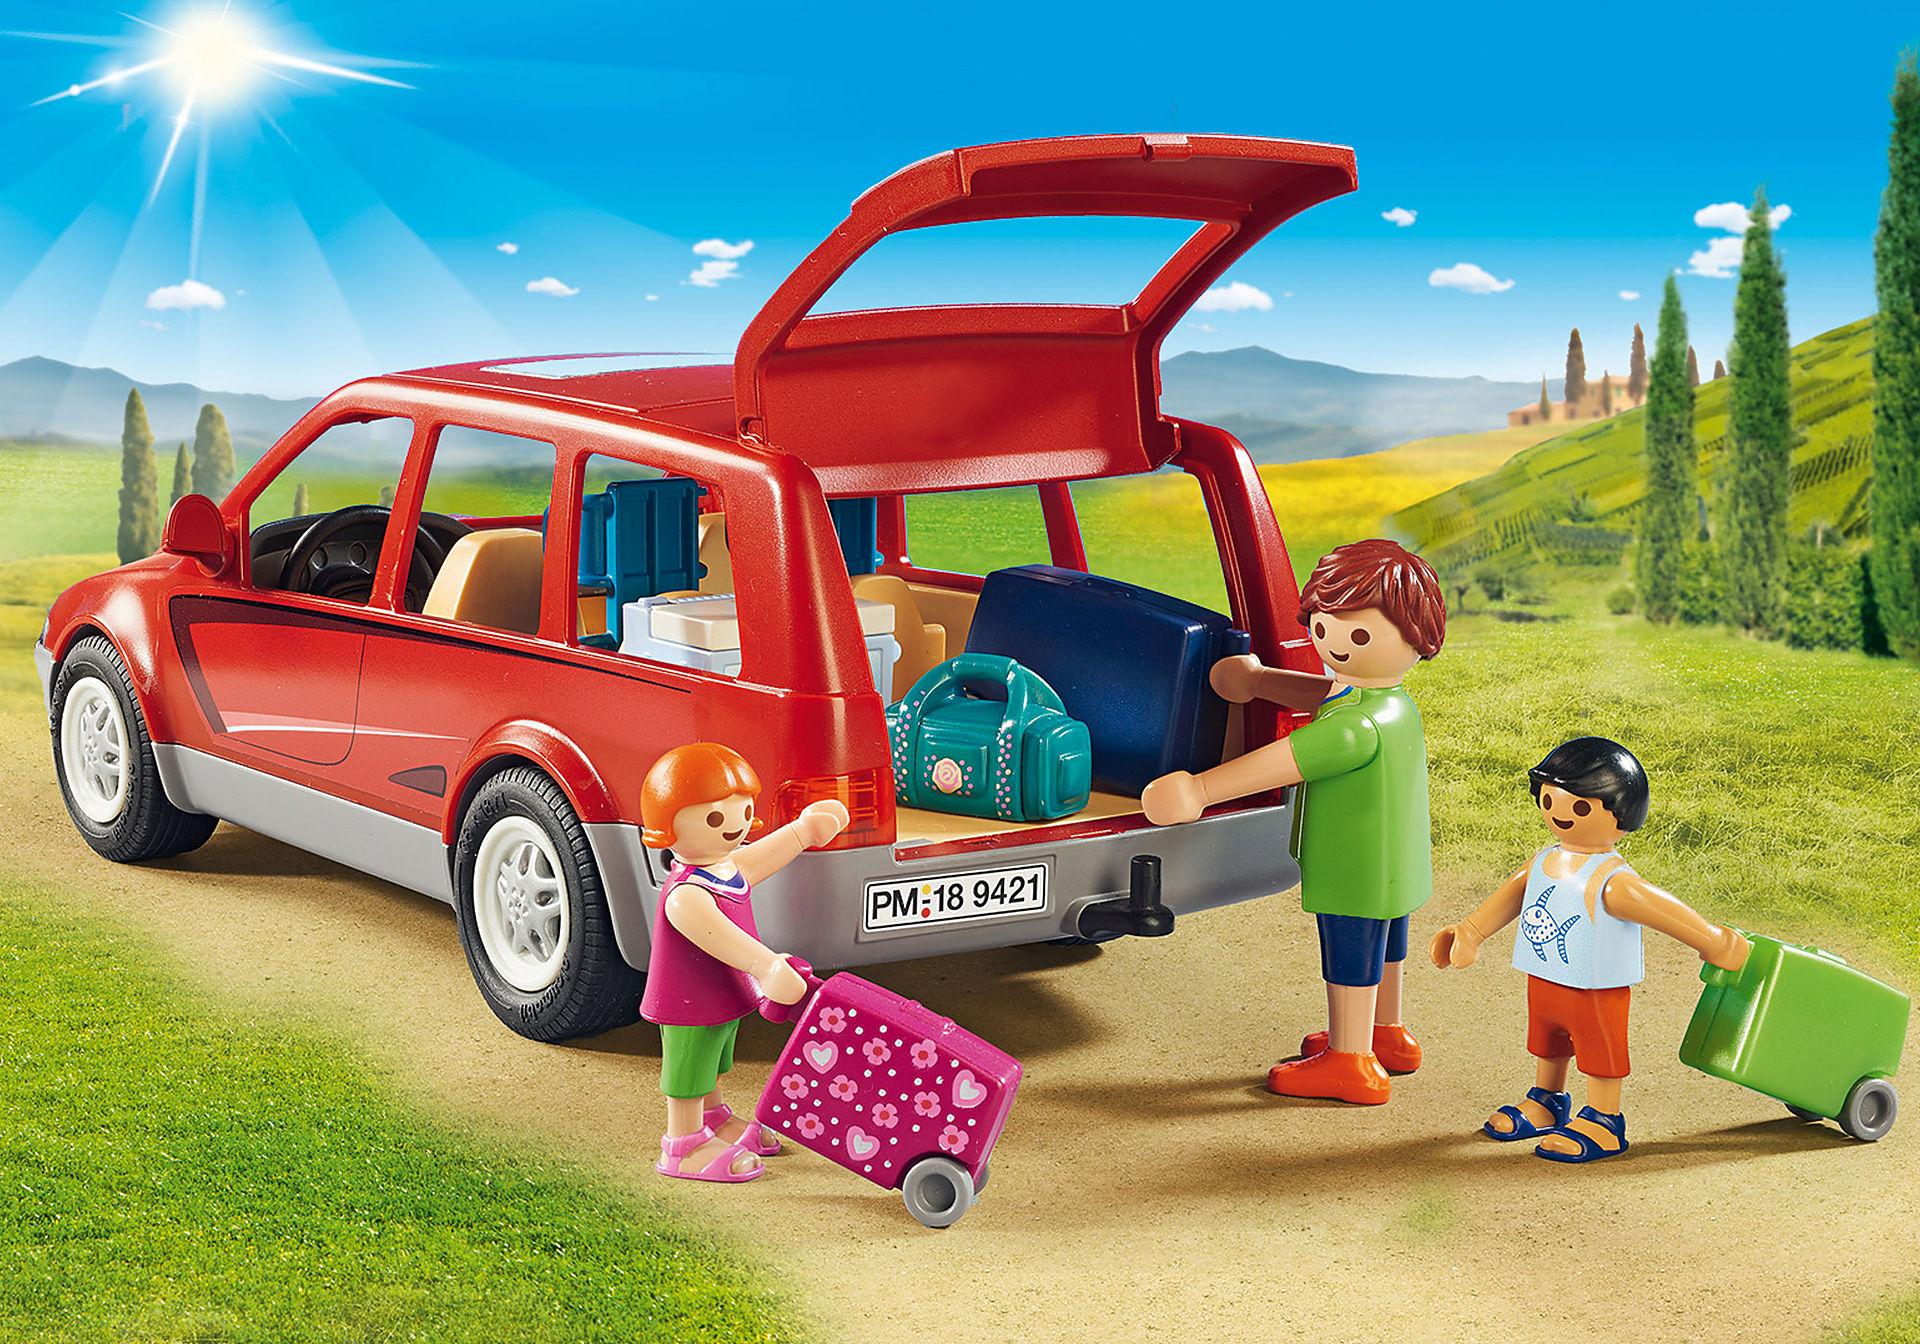 9421 Samochód rodzinny zoom image5